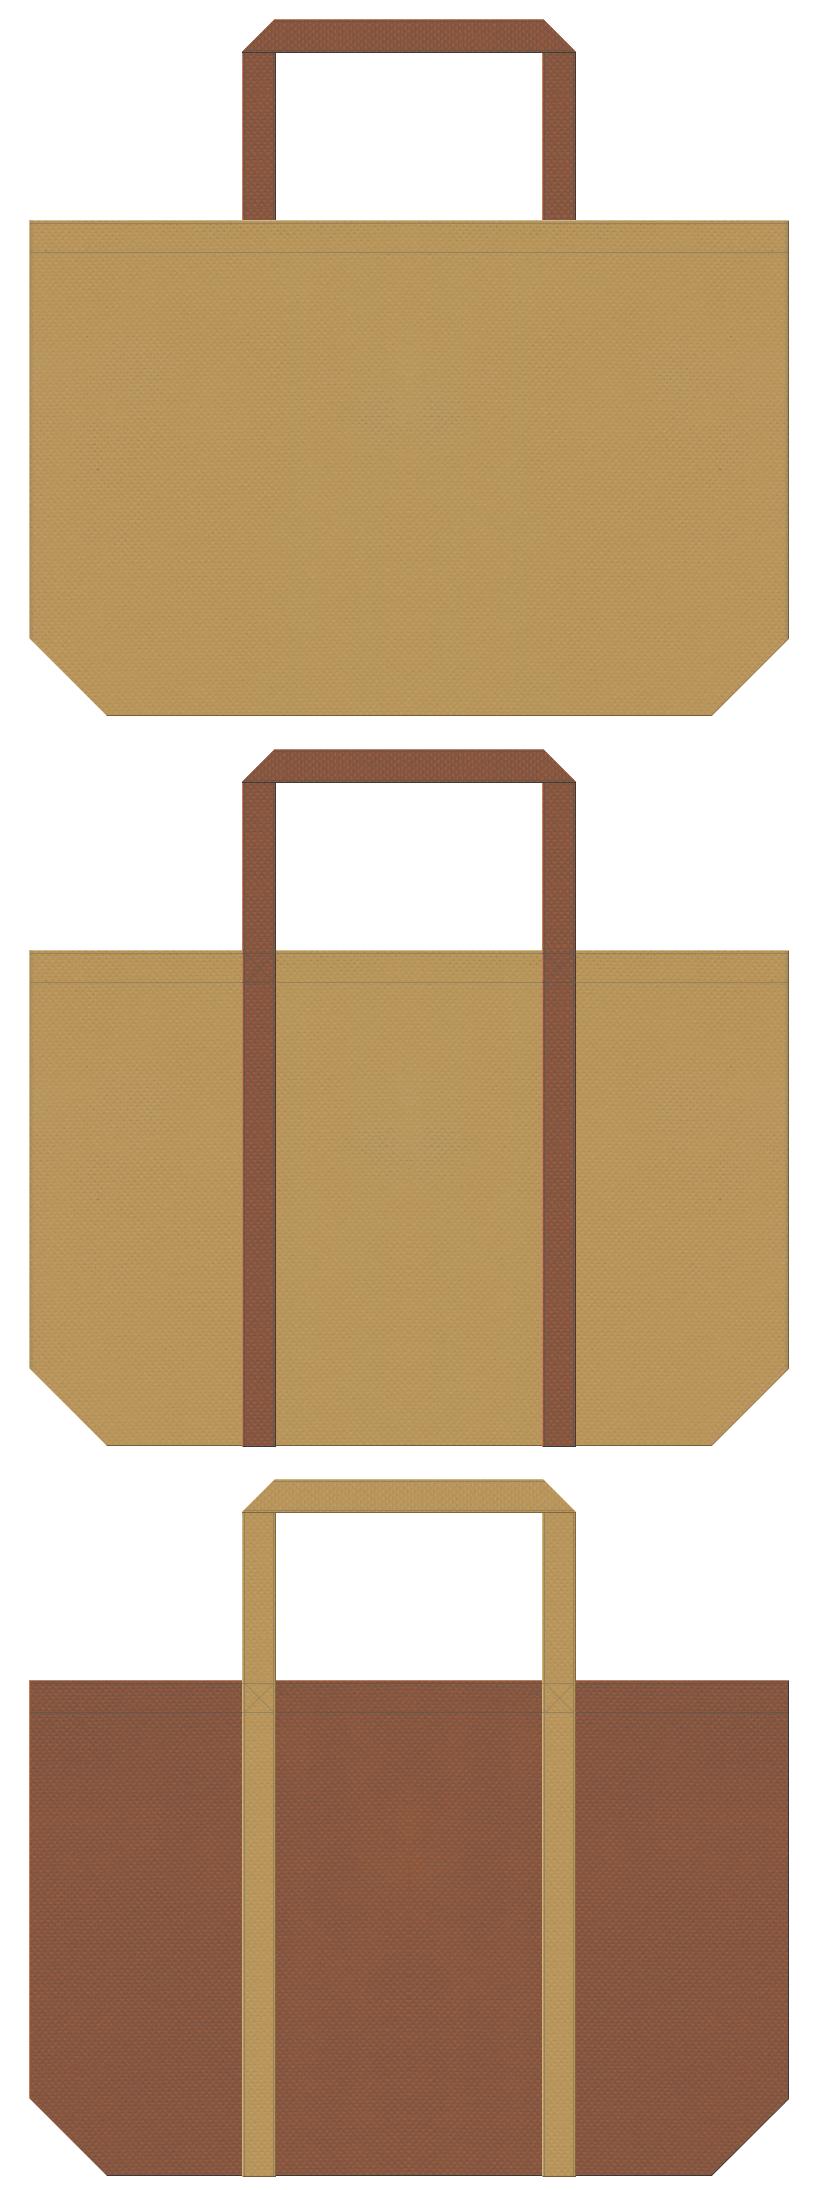 恐竜・化石・原始時代・マンモス・考古学・遺跡・薄皮饅頭・肉まん・めんつゆ・かつおぶし・芋焼酎・木材・日曜大工・工作教室・DIY・木製インテリア・木製食器のショッピングバッグにお奨めの不織布バッグデザイン:金黄土色と茶色のコーデ